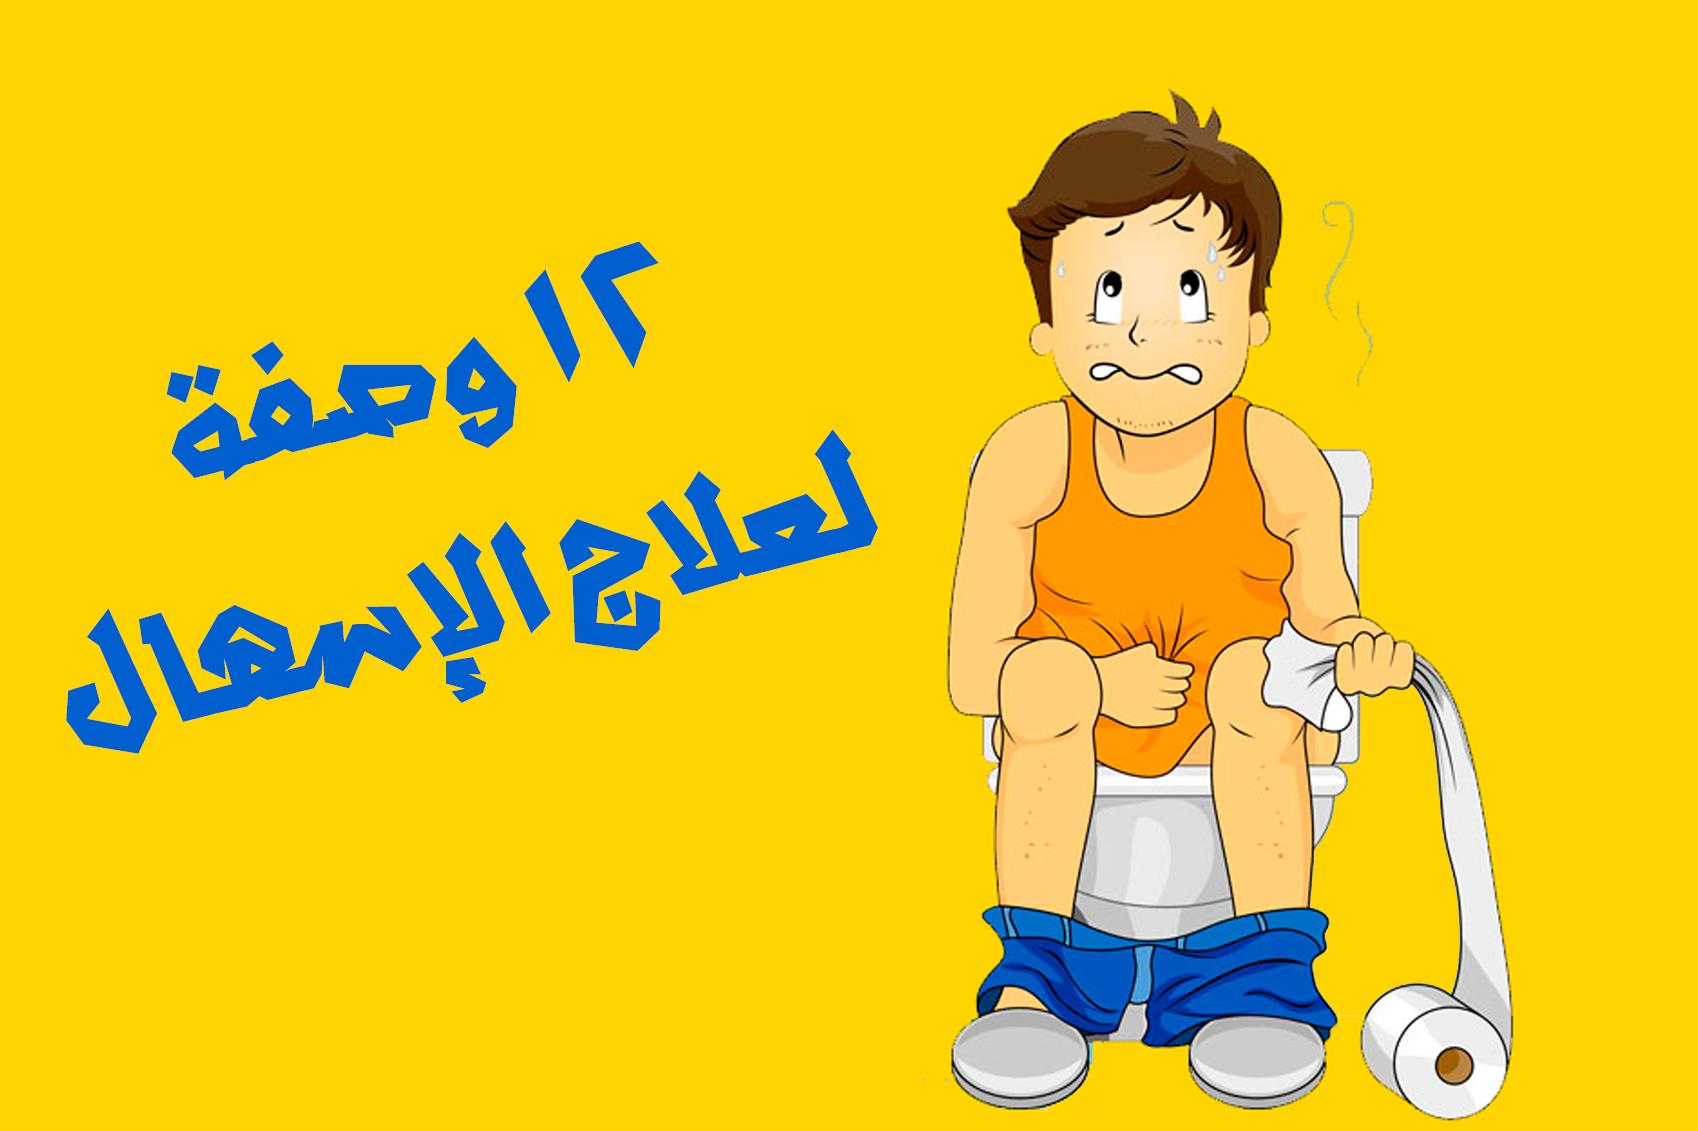 ١٢ وصفة من الطب البديل لعلاج الإسهال في نصف ساعة ثقف نفسك